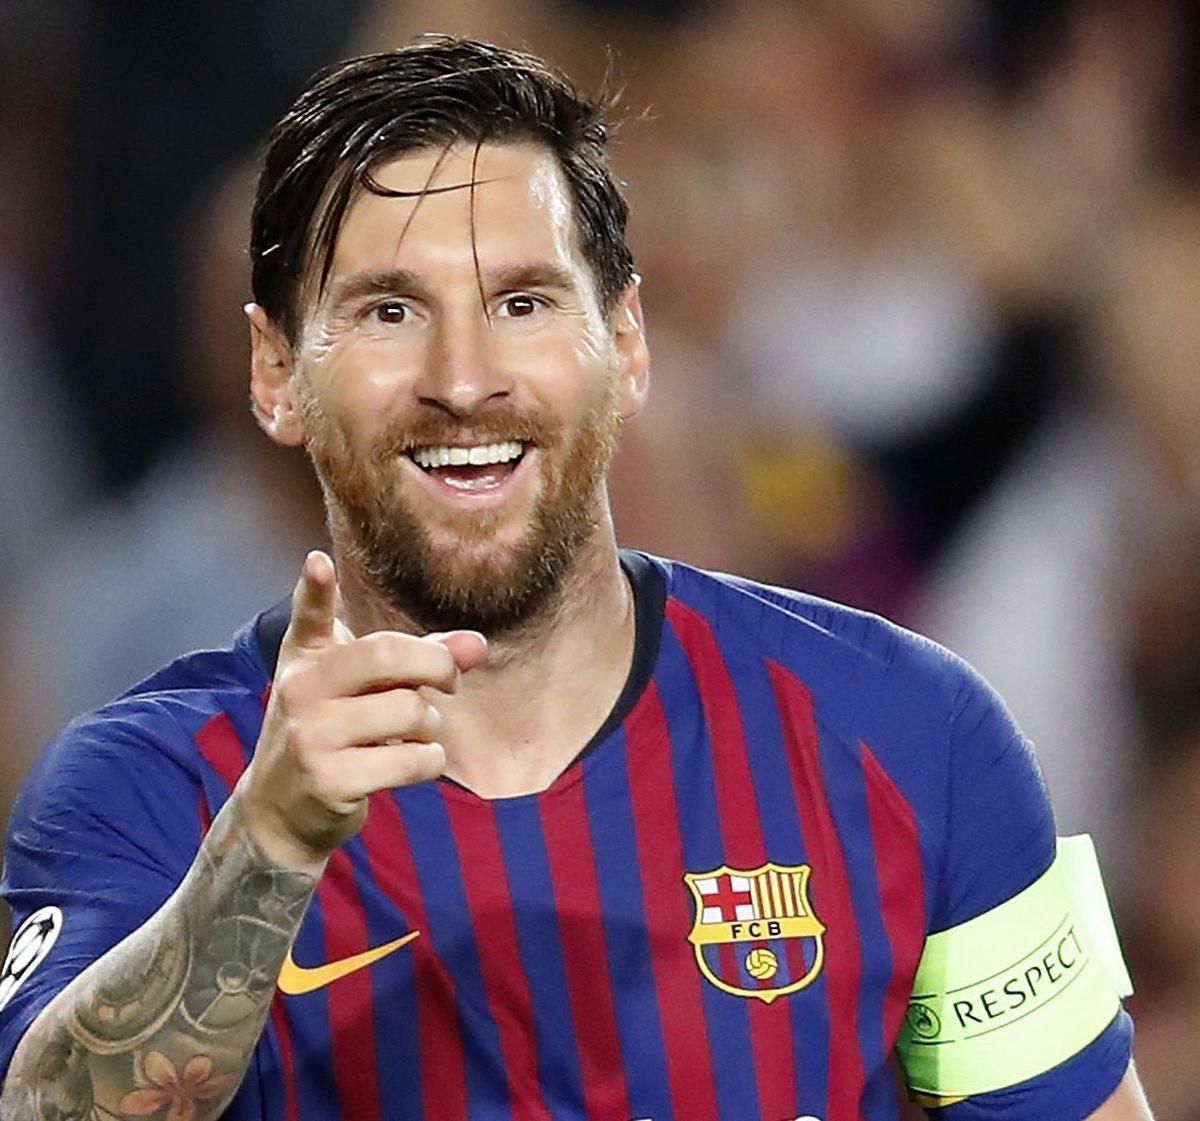 Barcelona Vs. Girona: Odds, Preview, Live Stream, TV Info